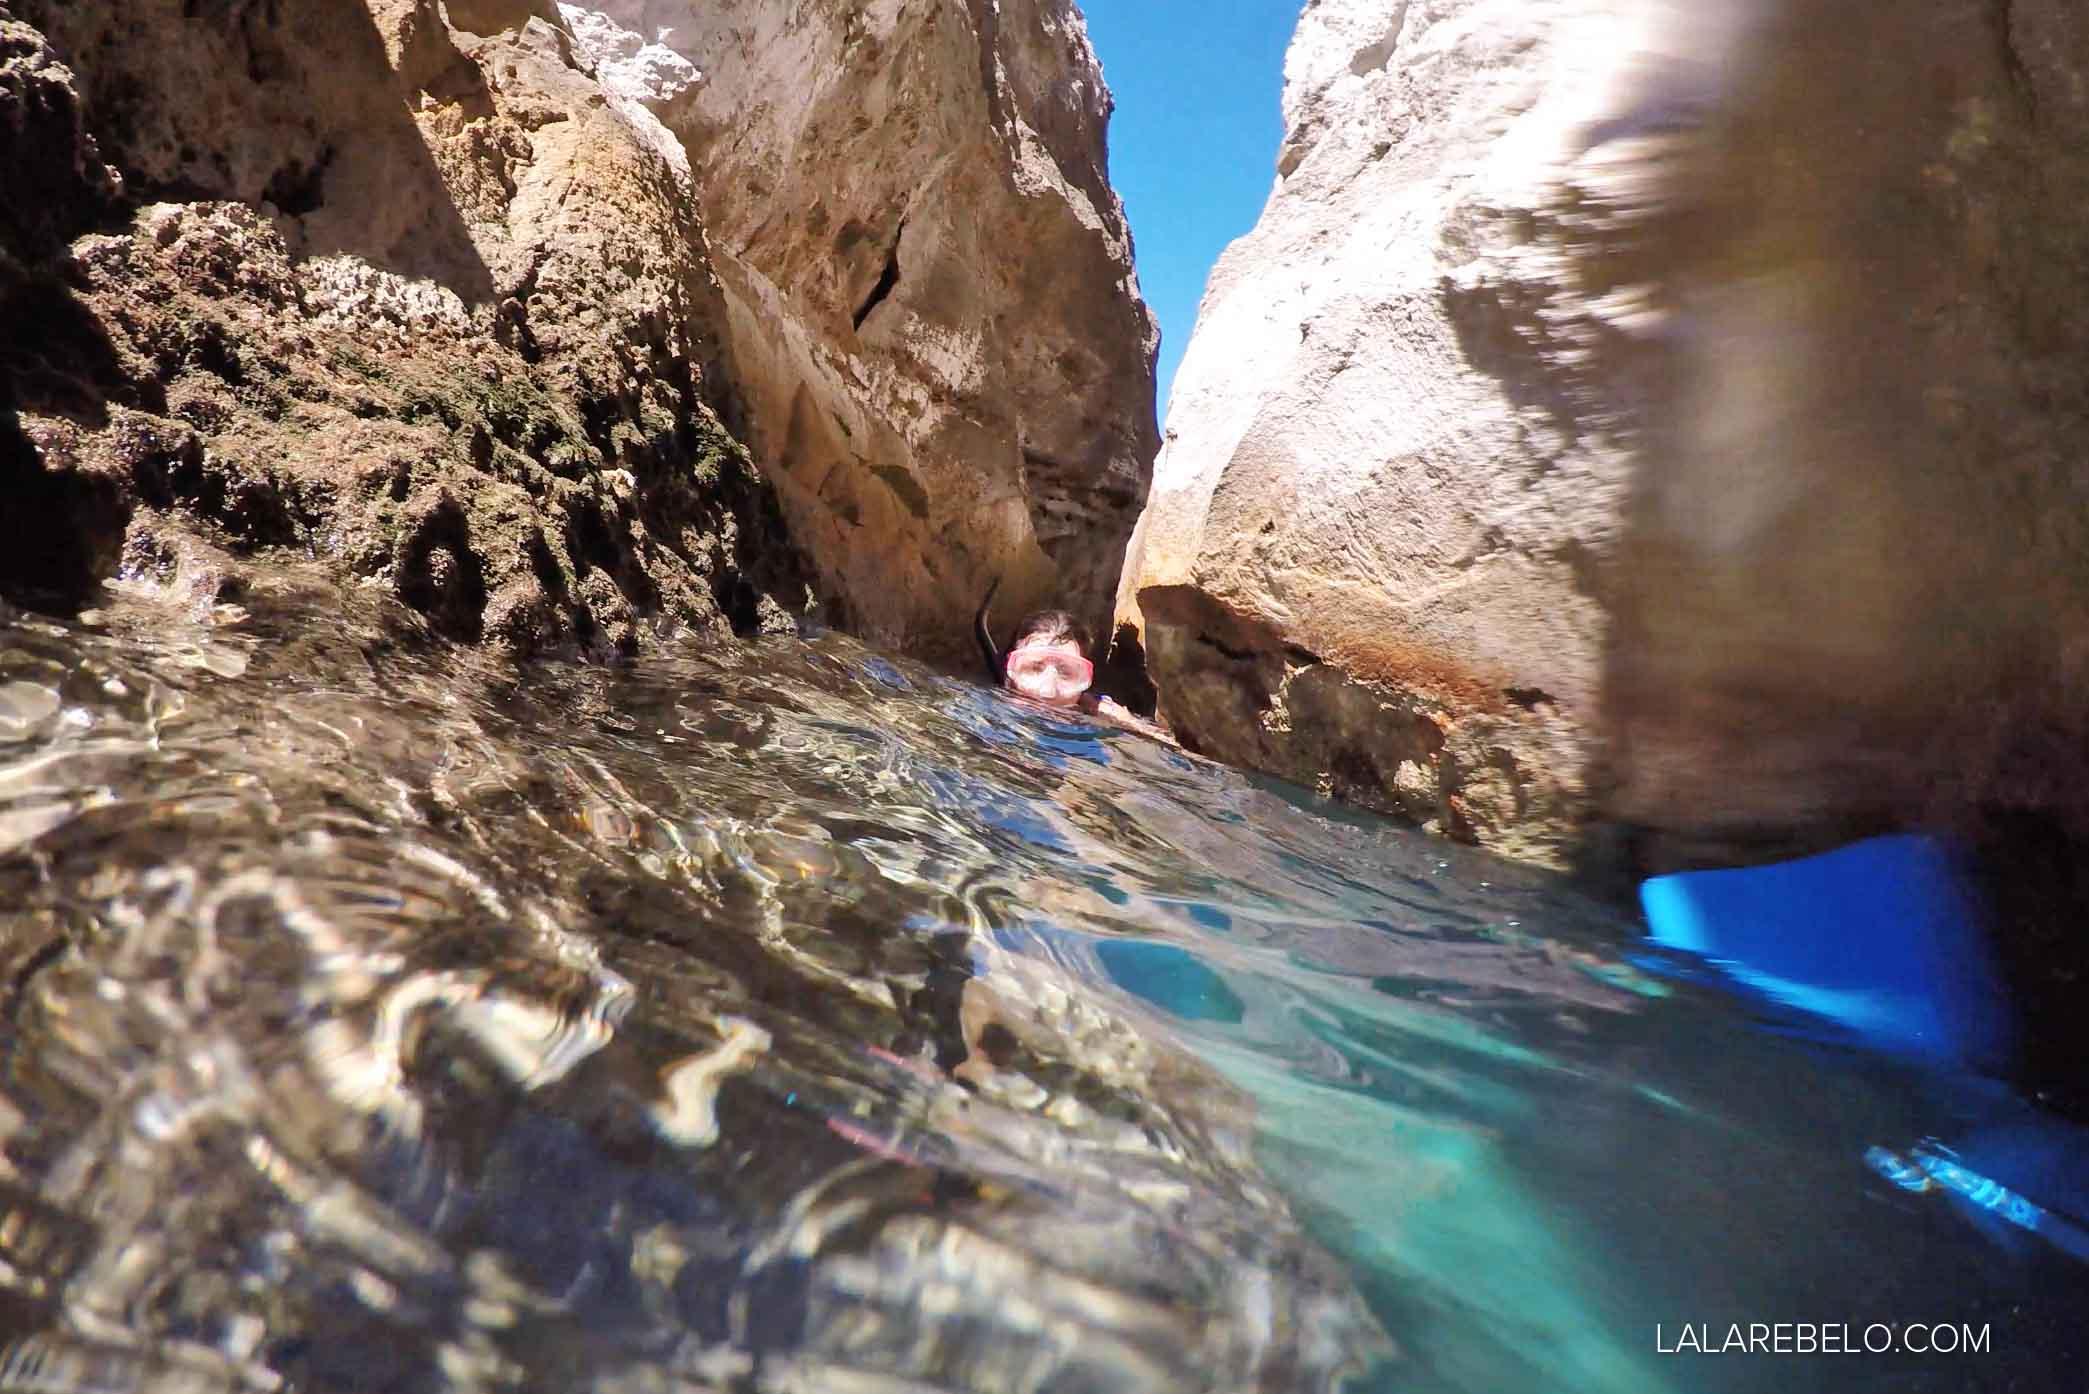 Entrando na caverna... Apertadinho!!! Thunderball Grotto - Exuma - Bahamas